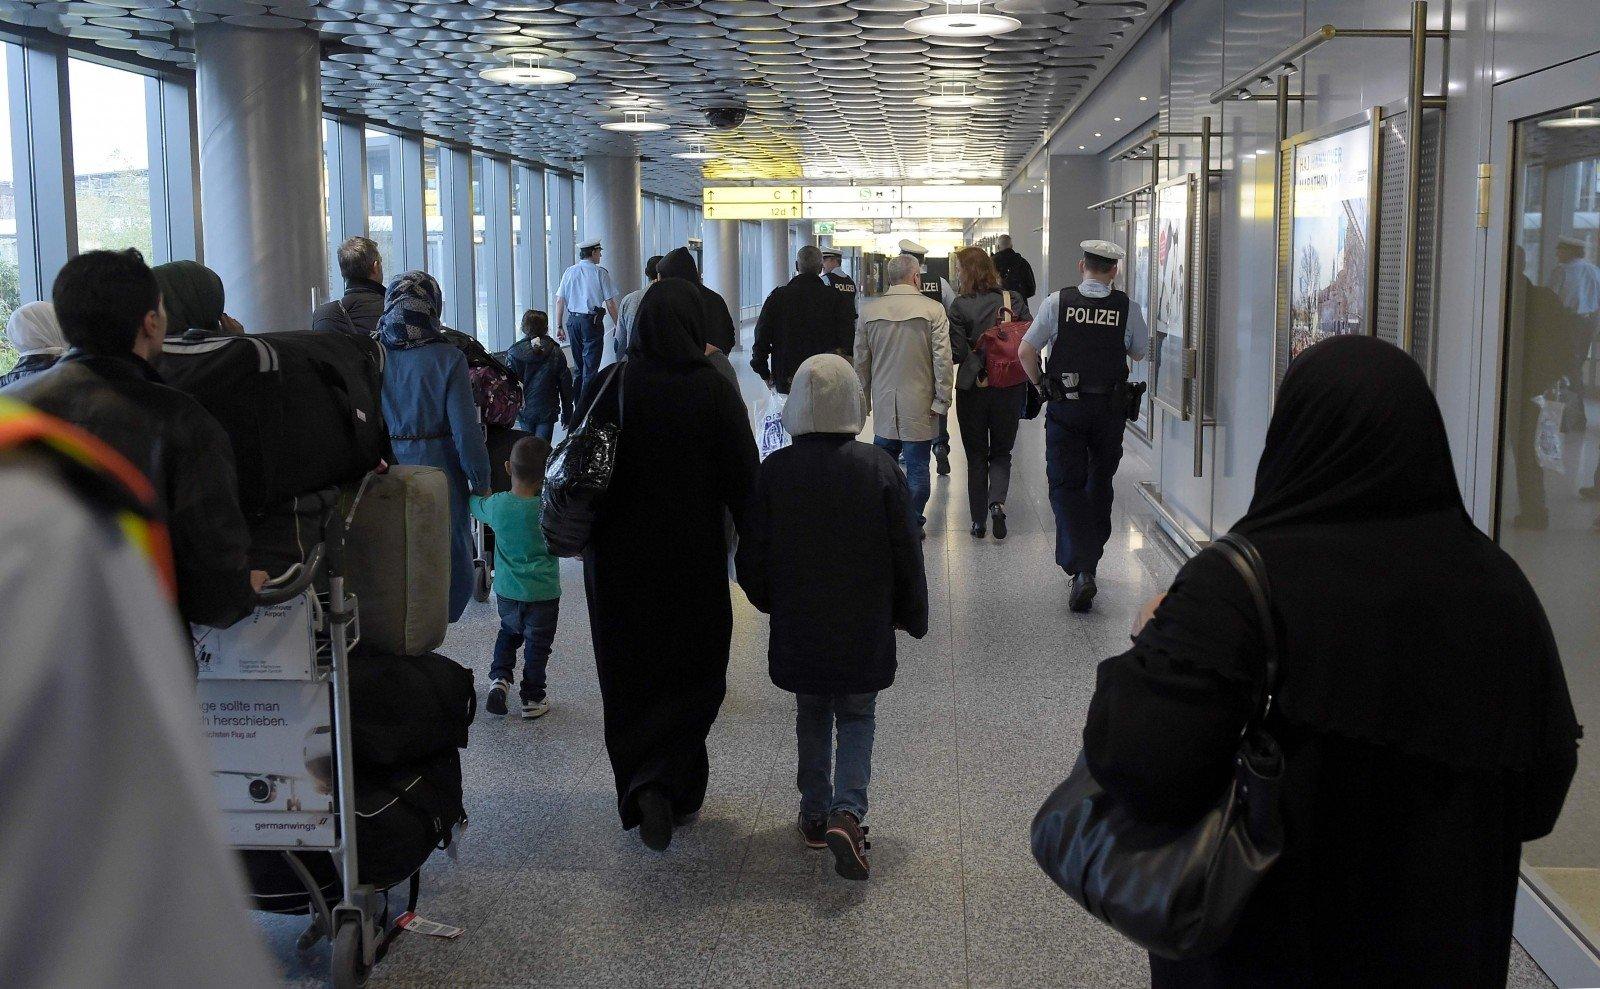 ВГермании теряются несовершеннолетние беженцы